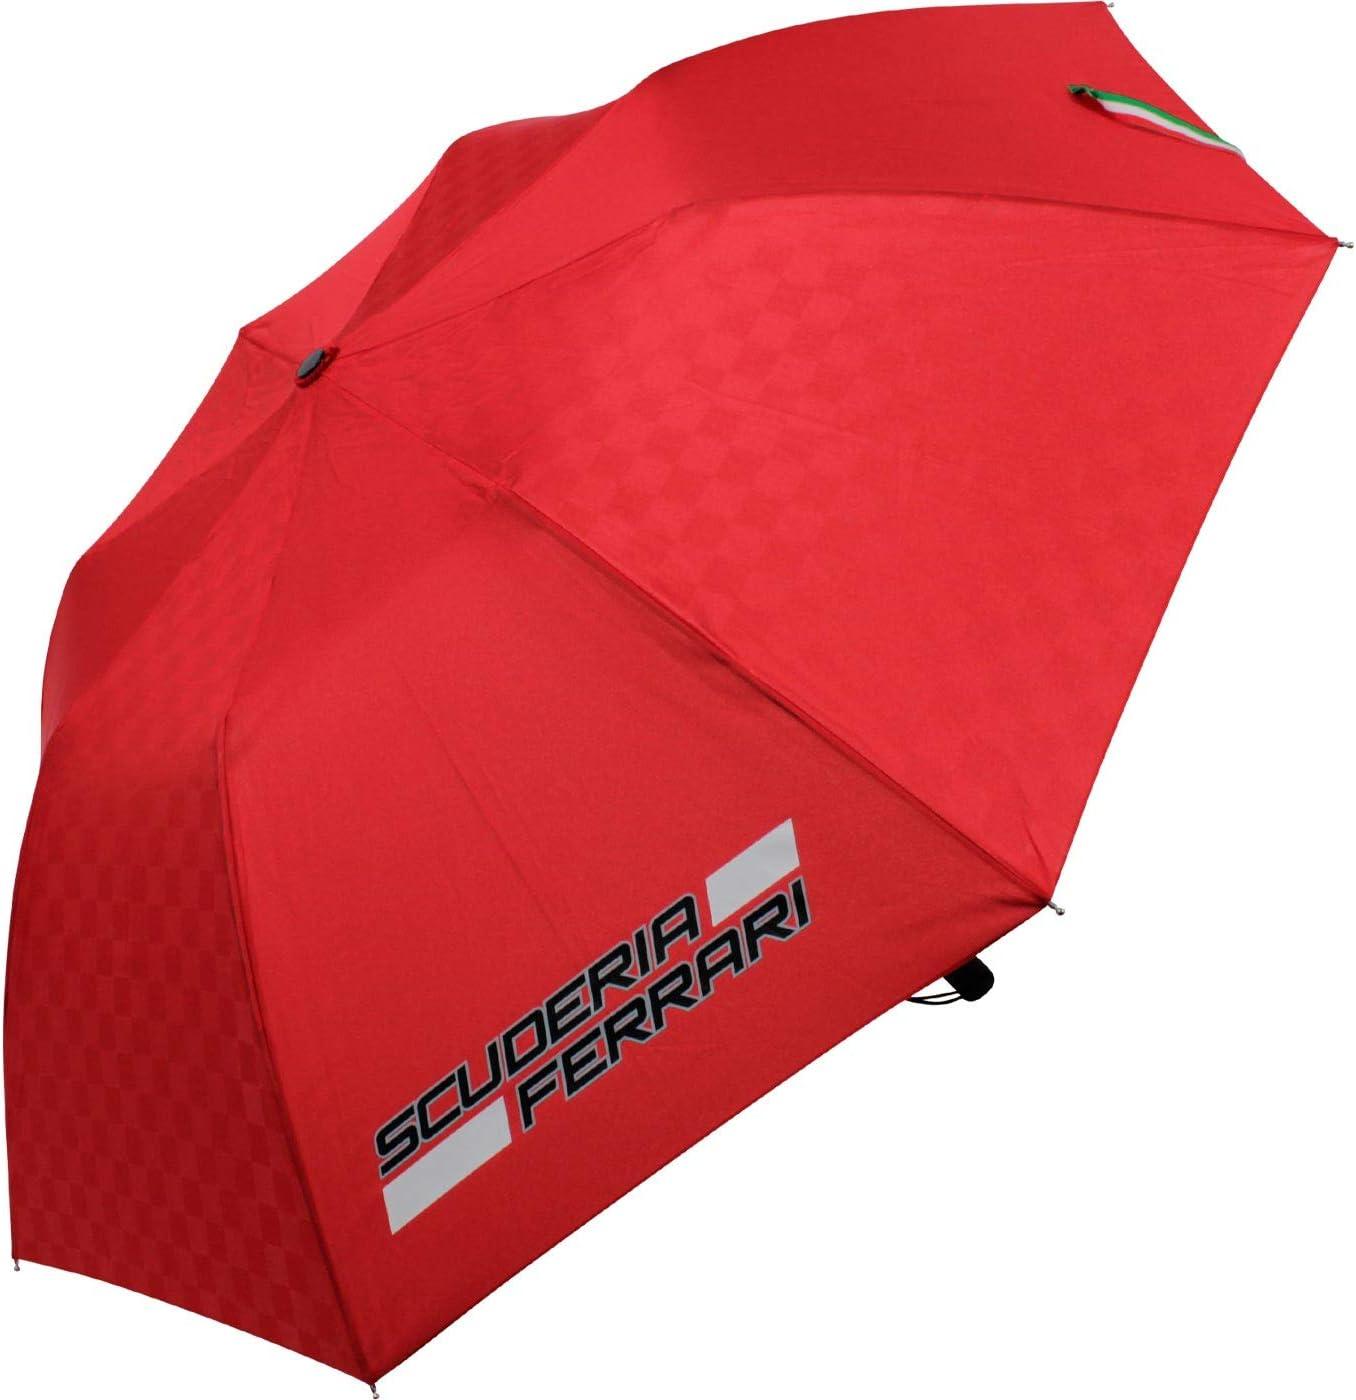 Scuderia Ferrari Paraguas Compacto Rojo: Amazon.es: Deportes y ...